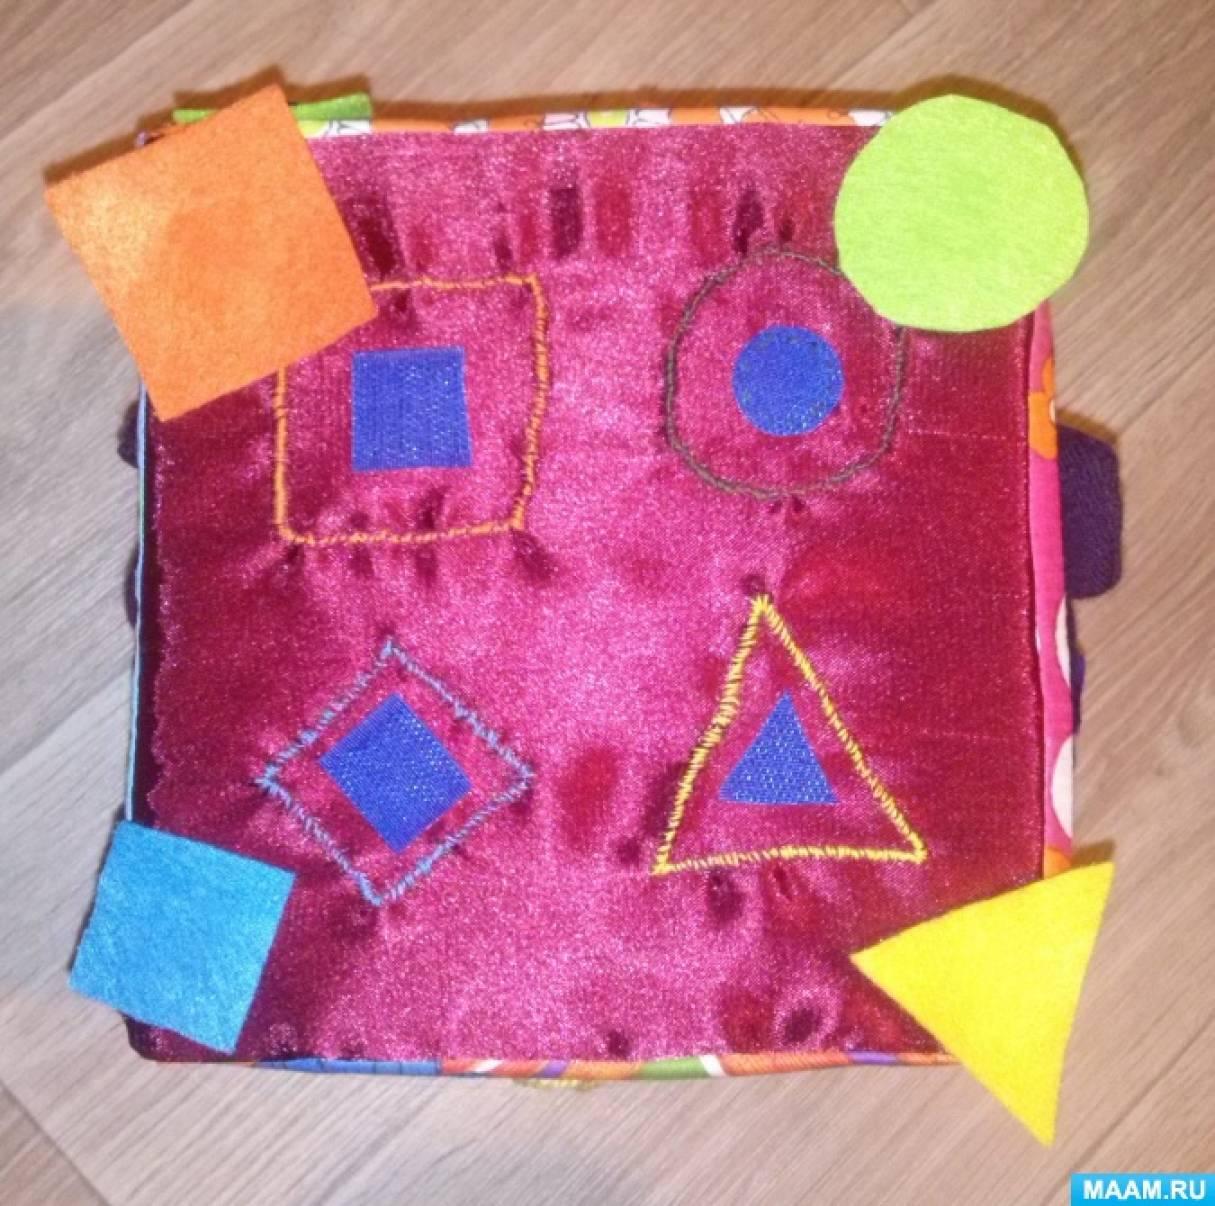 Сенсорный кубик своими руками 87